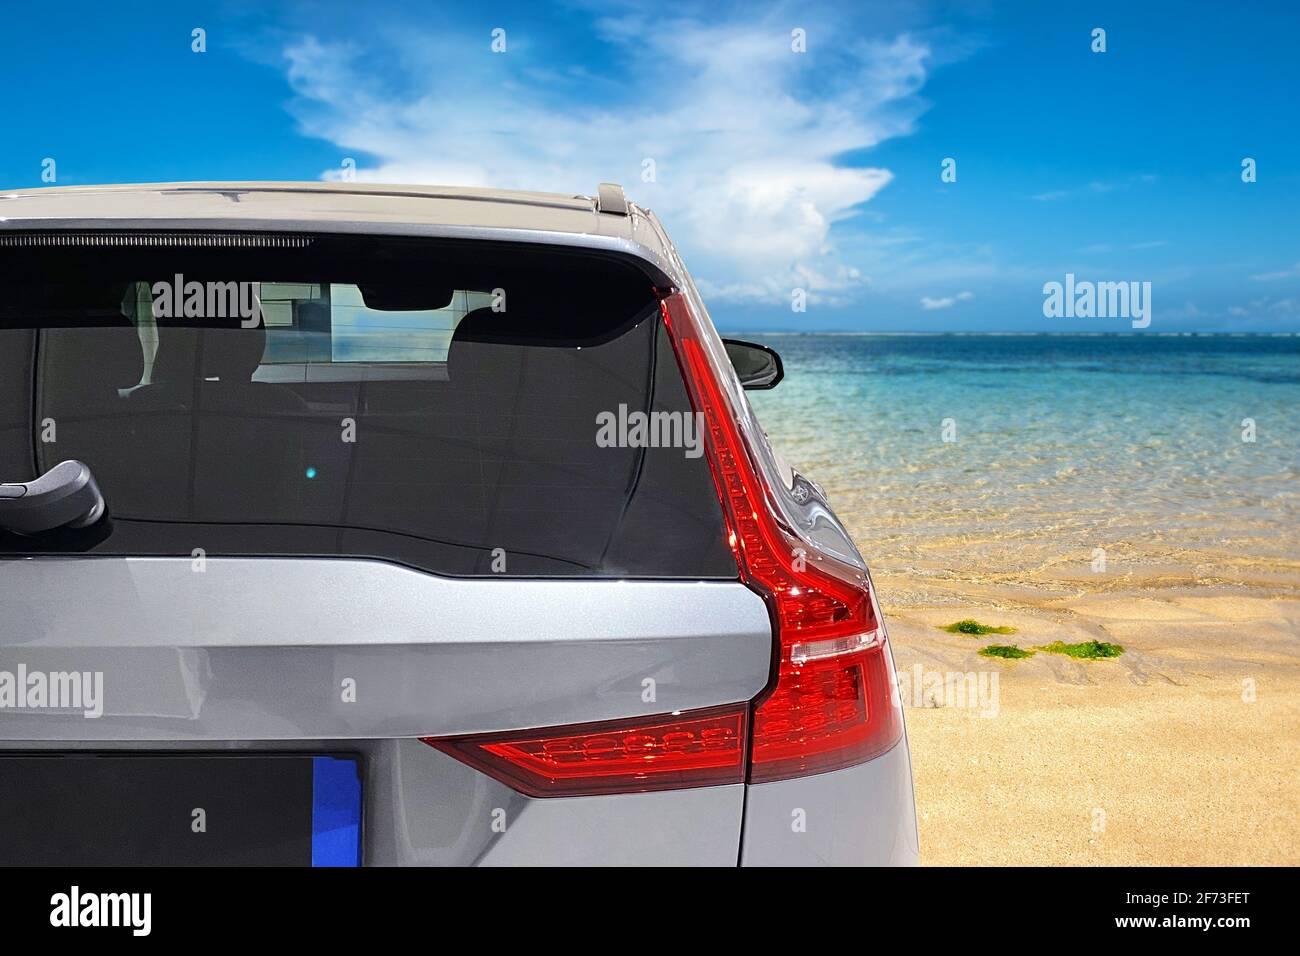 Maquette de vitre de voiture. Maquette de produit vacances d'été Banque D'Images